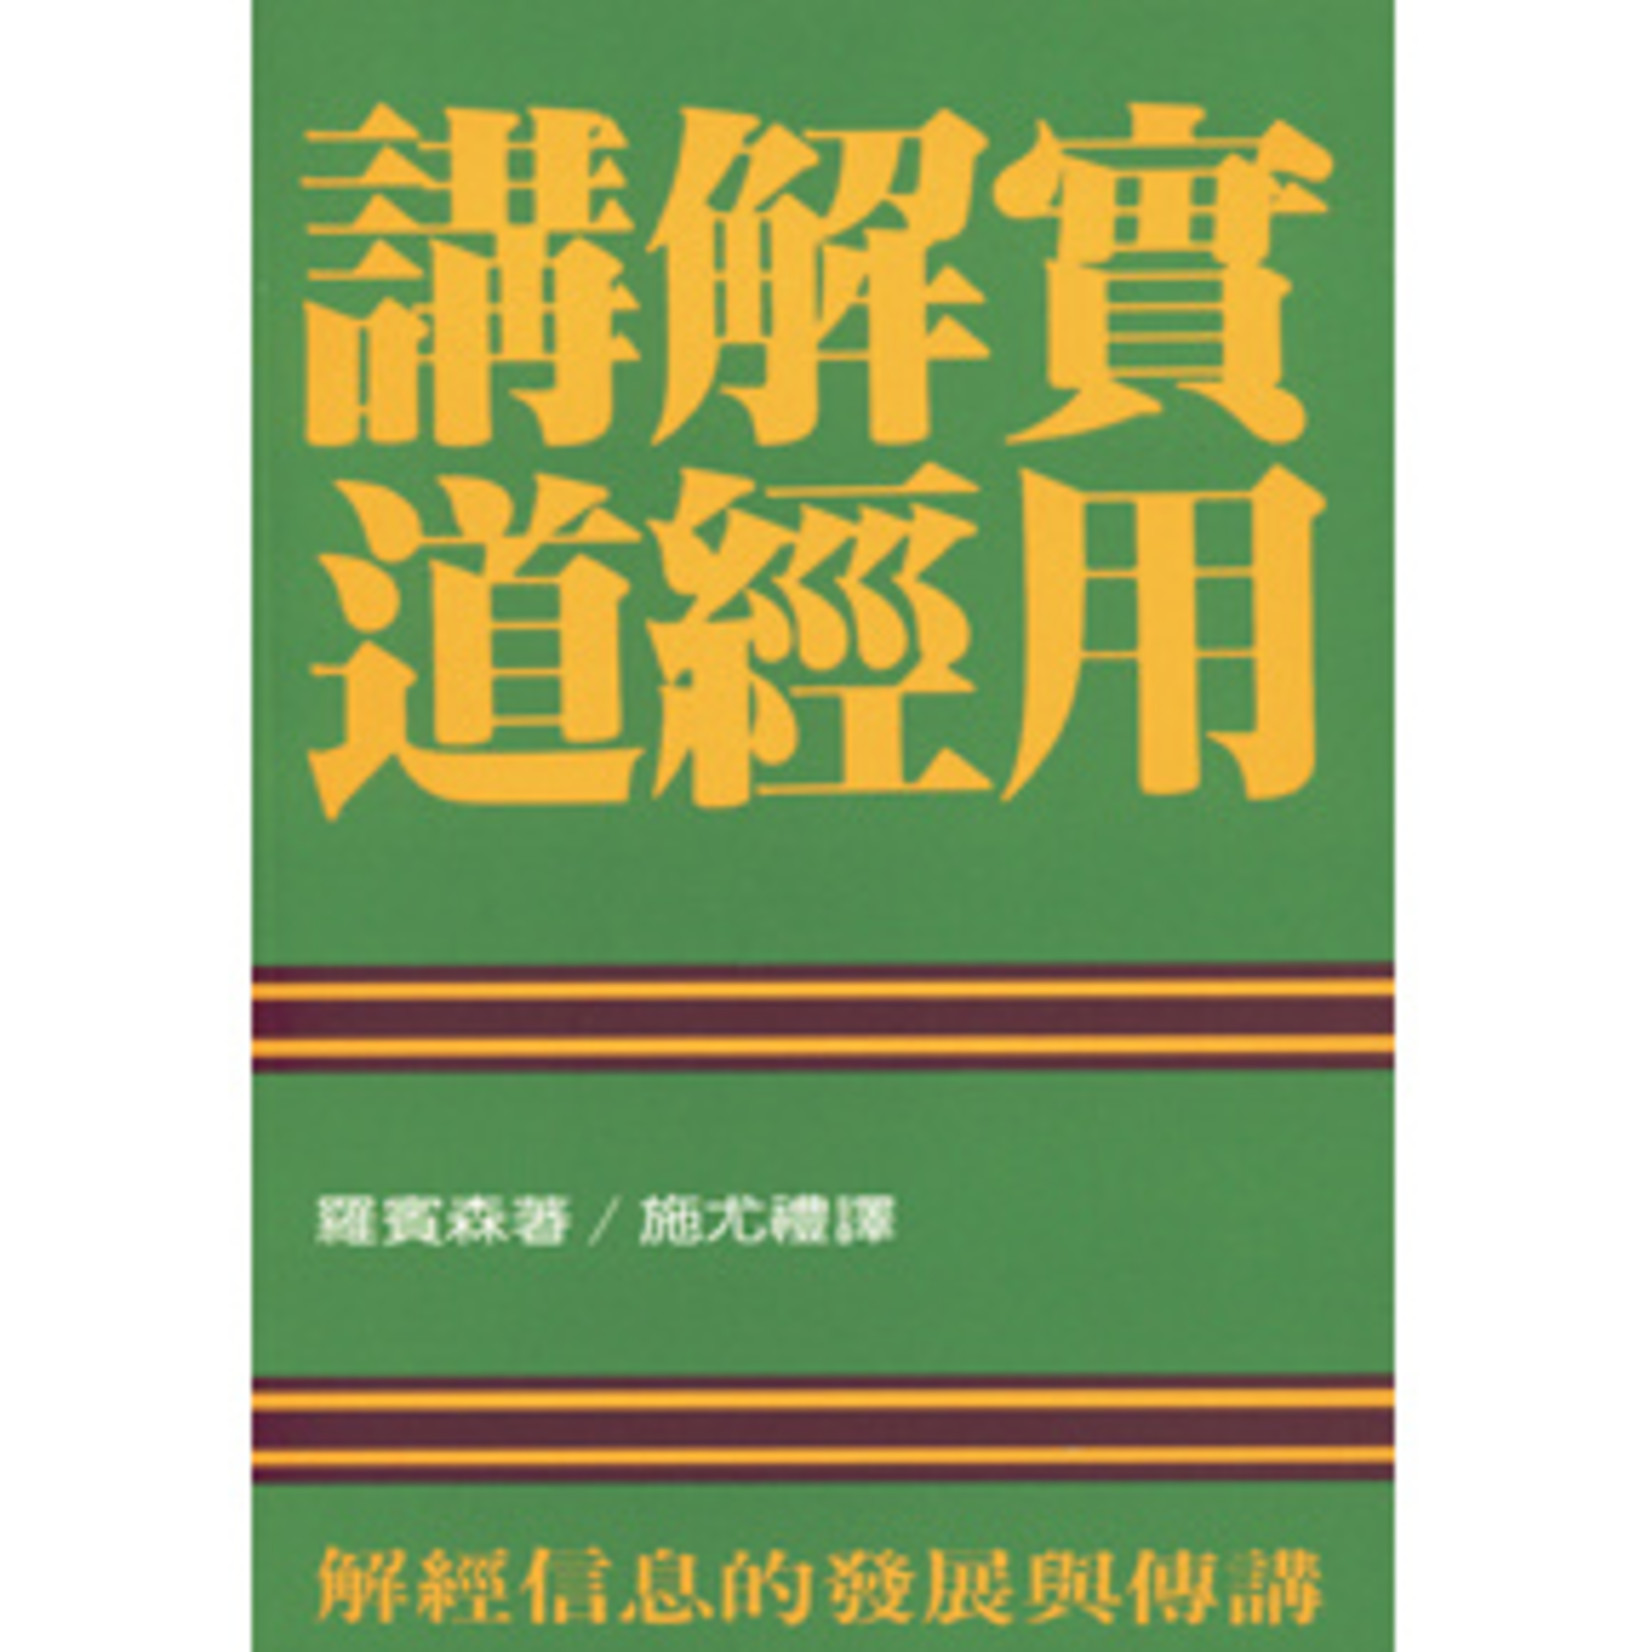 中華福音神學院 China Evangelical Seminary 實用解經講道(已改版為:合乎聖經的講道) Biblical Preaching